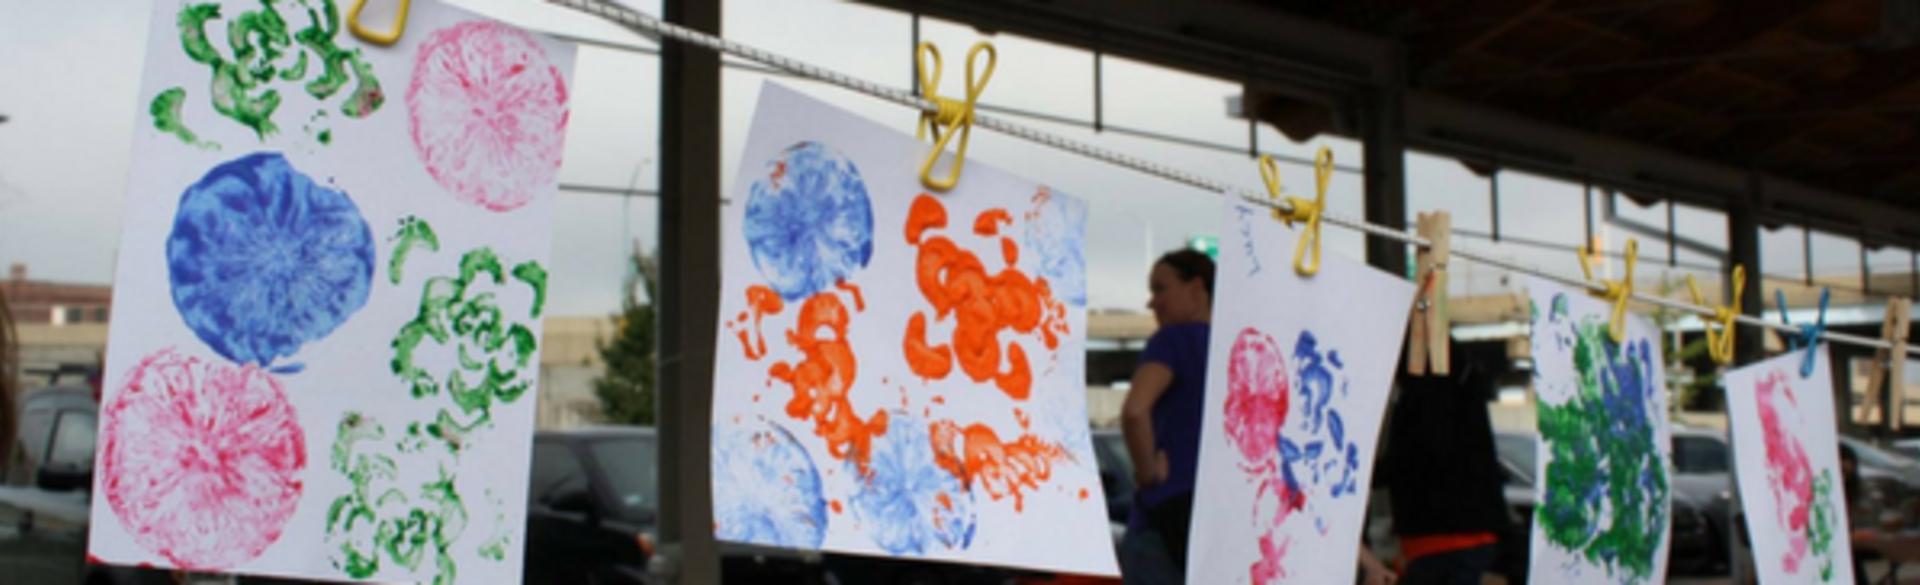 Artists Creating Together artwork